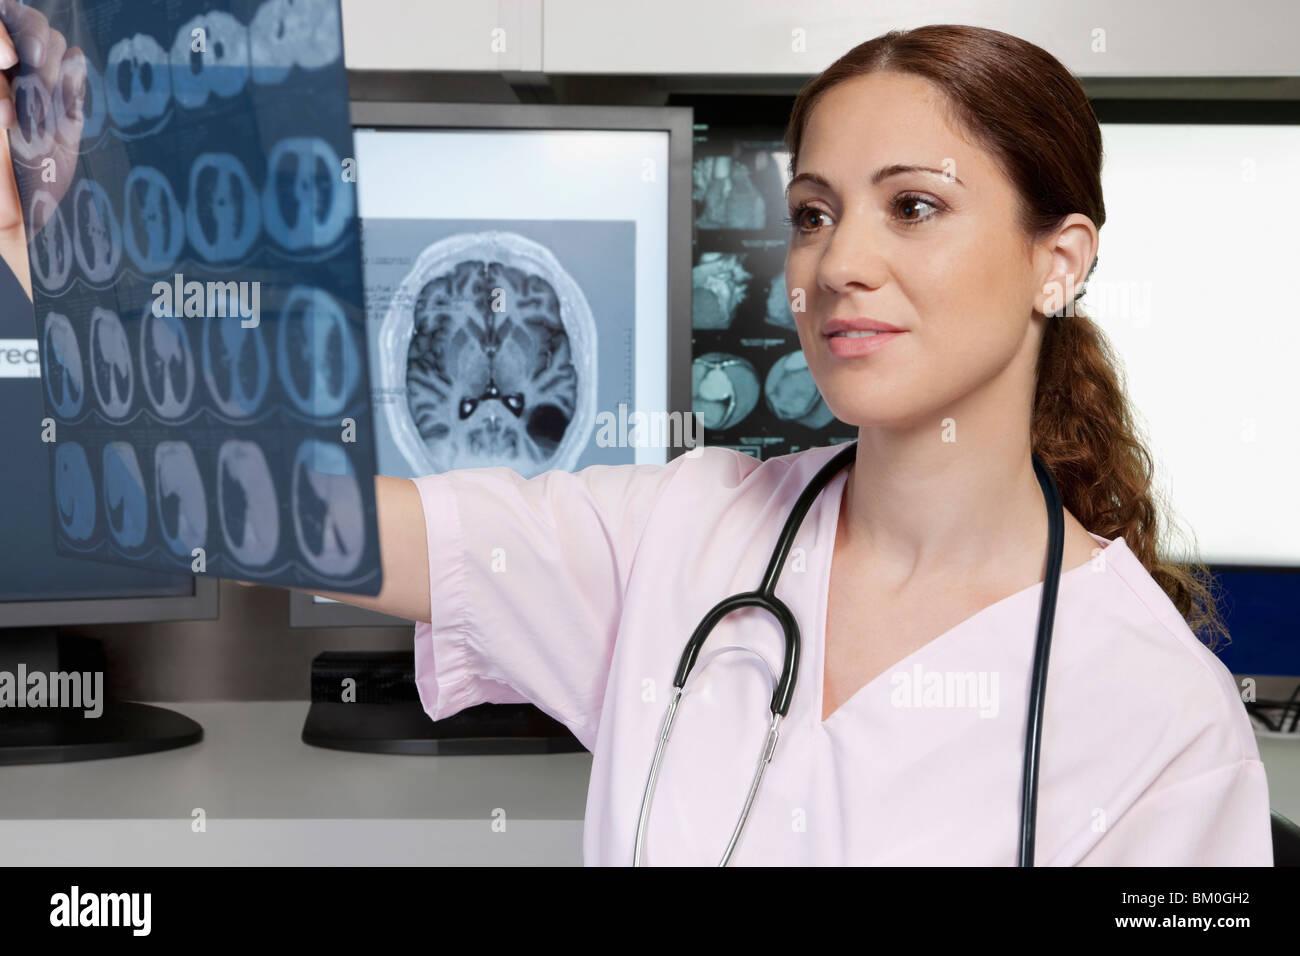 Doctora en examinar un informe de rayos x Imagen De Stock